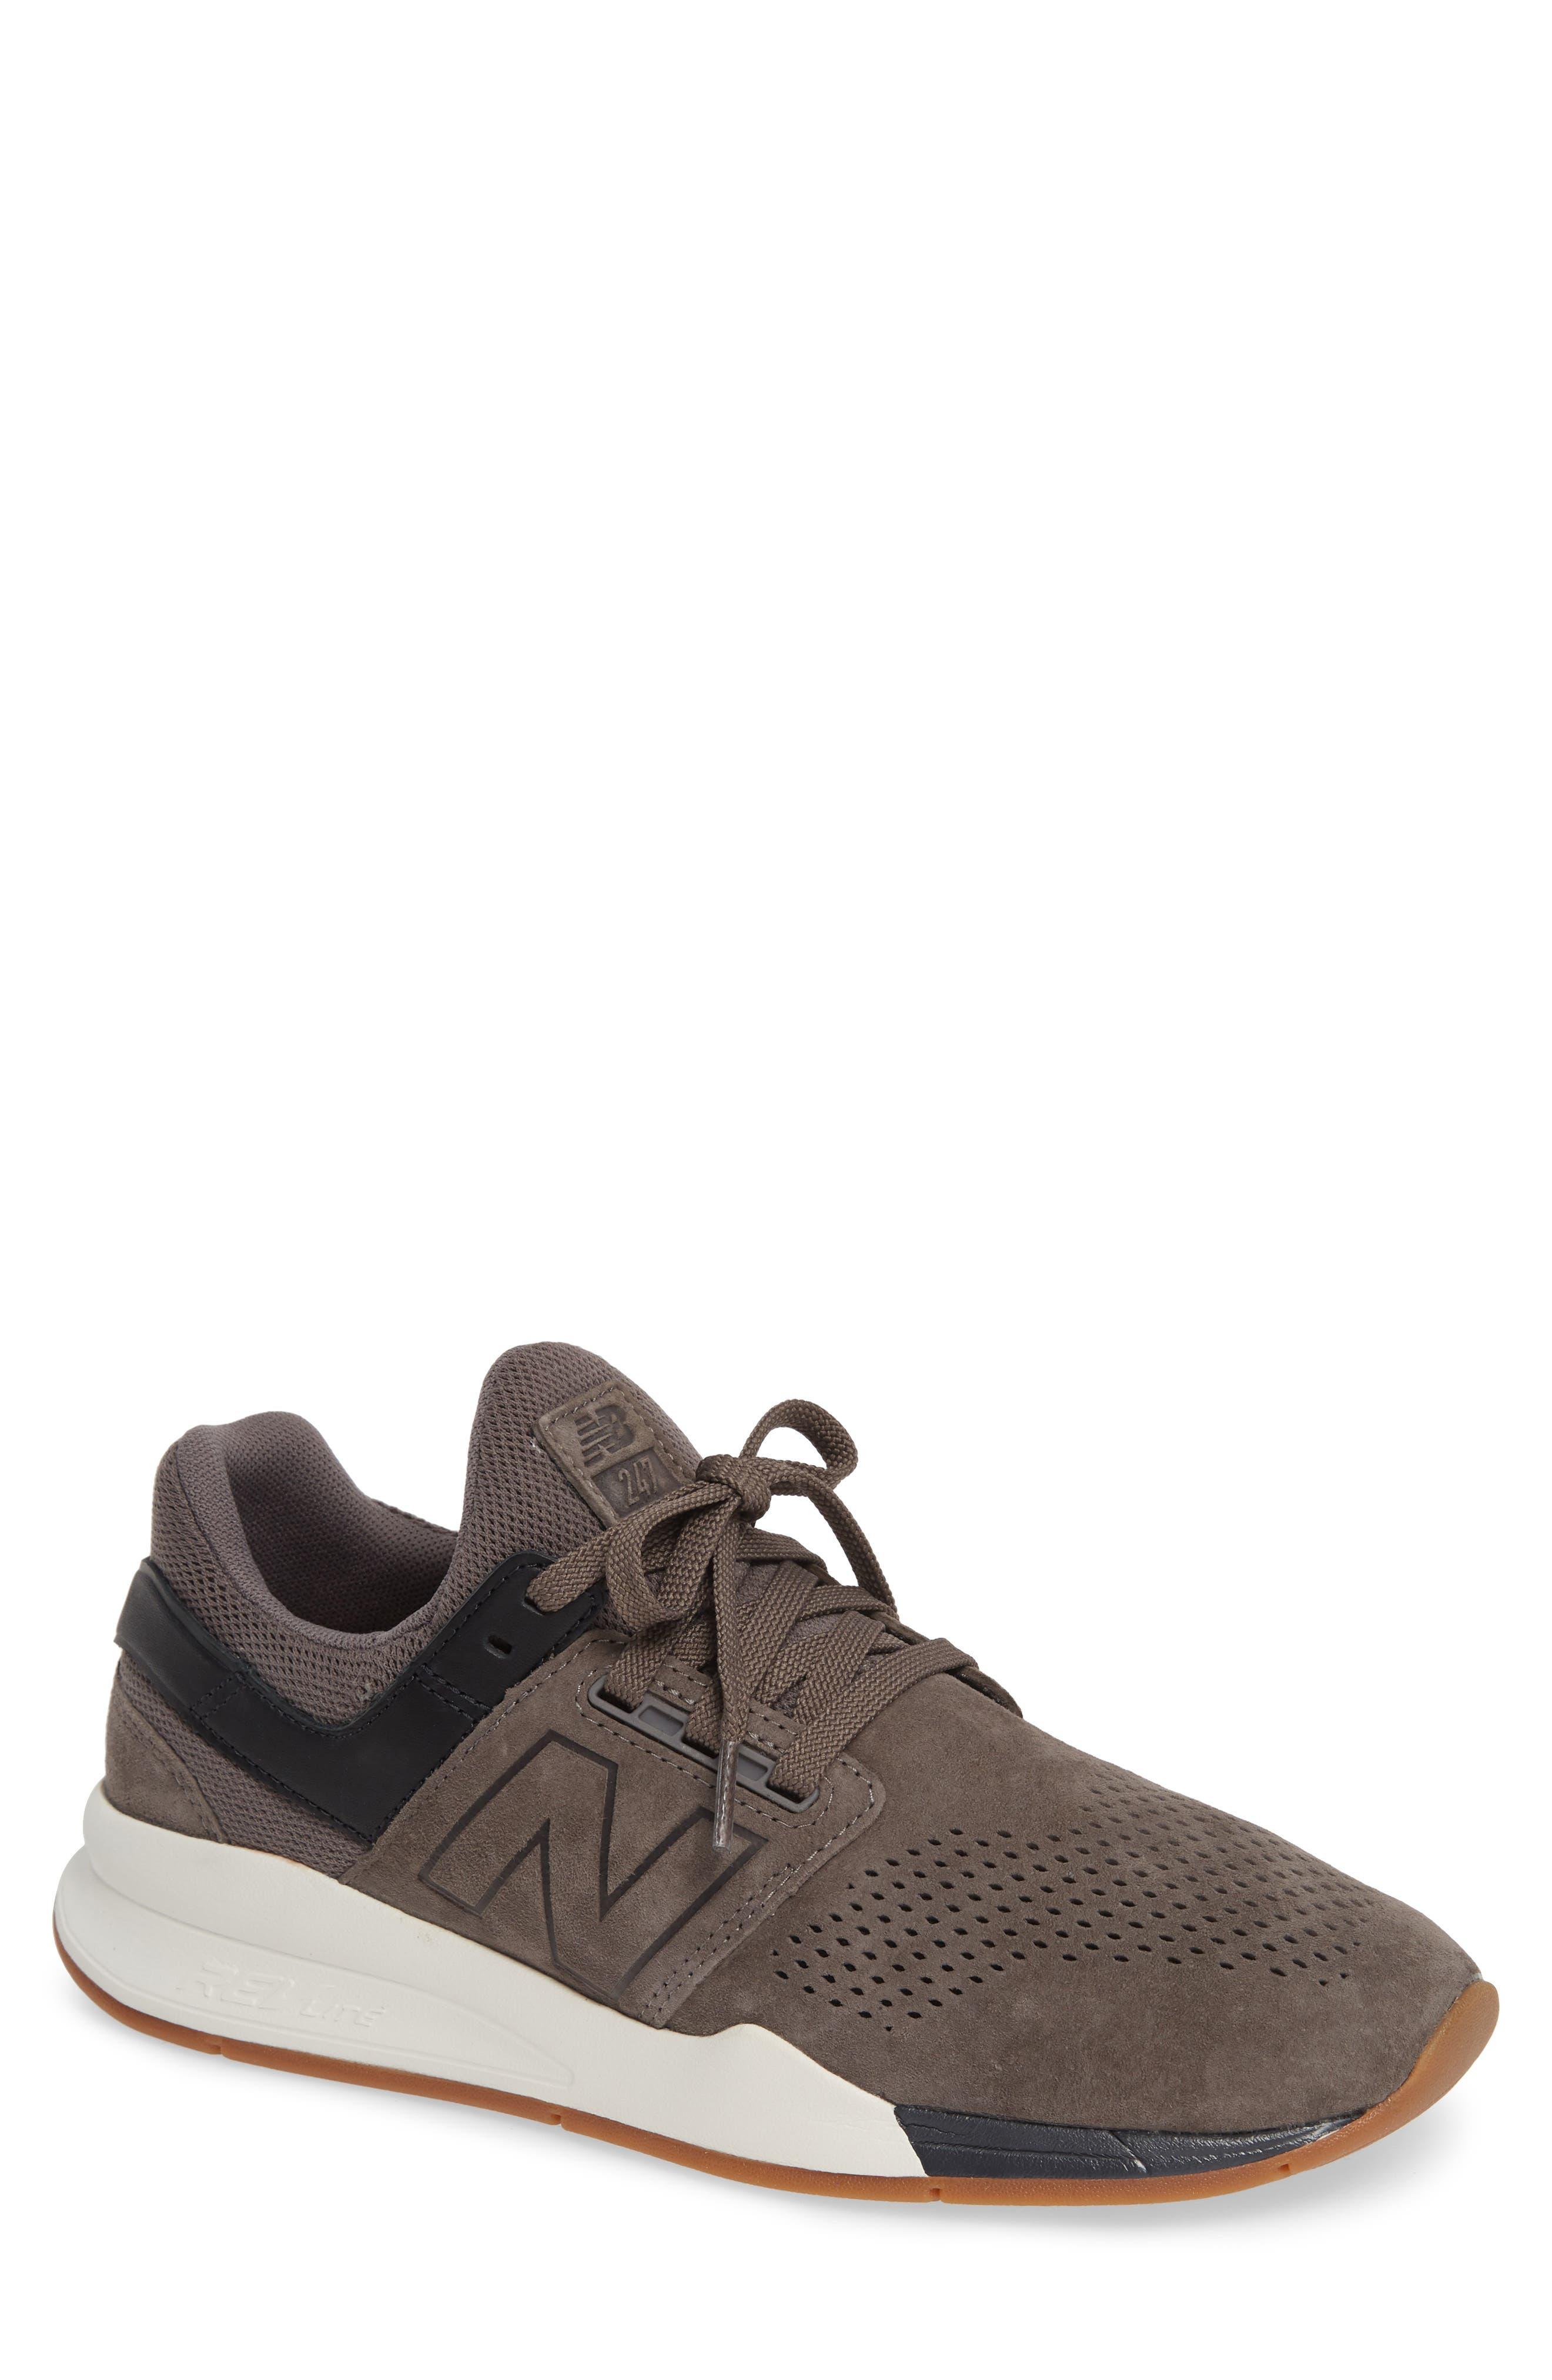 247v2 Sneaker,                         Main,                         color, DARK GREY NUBUCK LEATHER